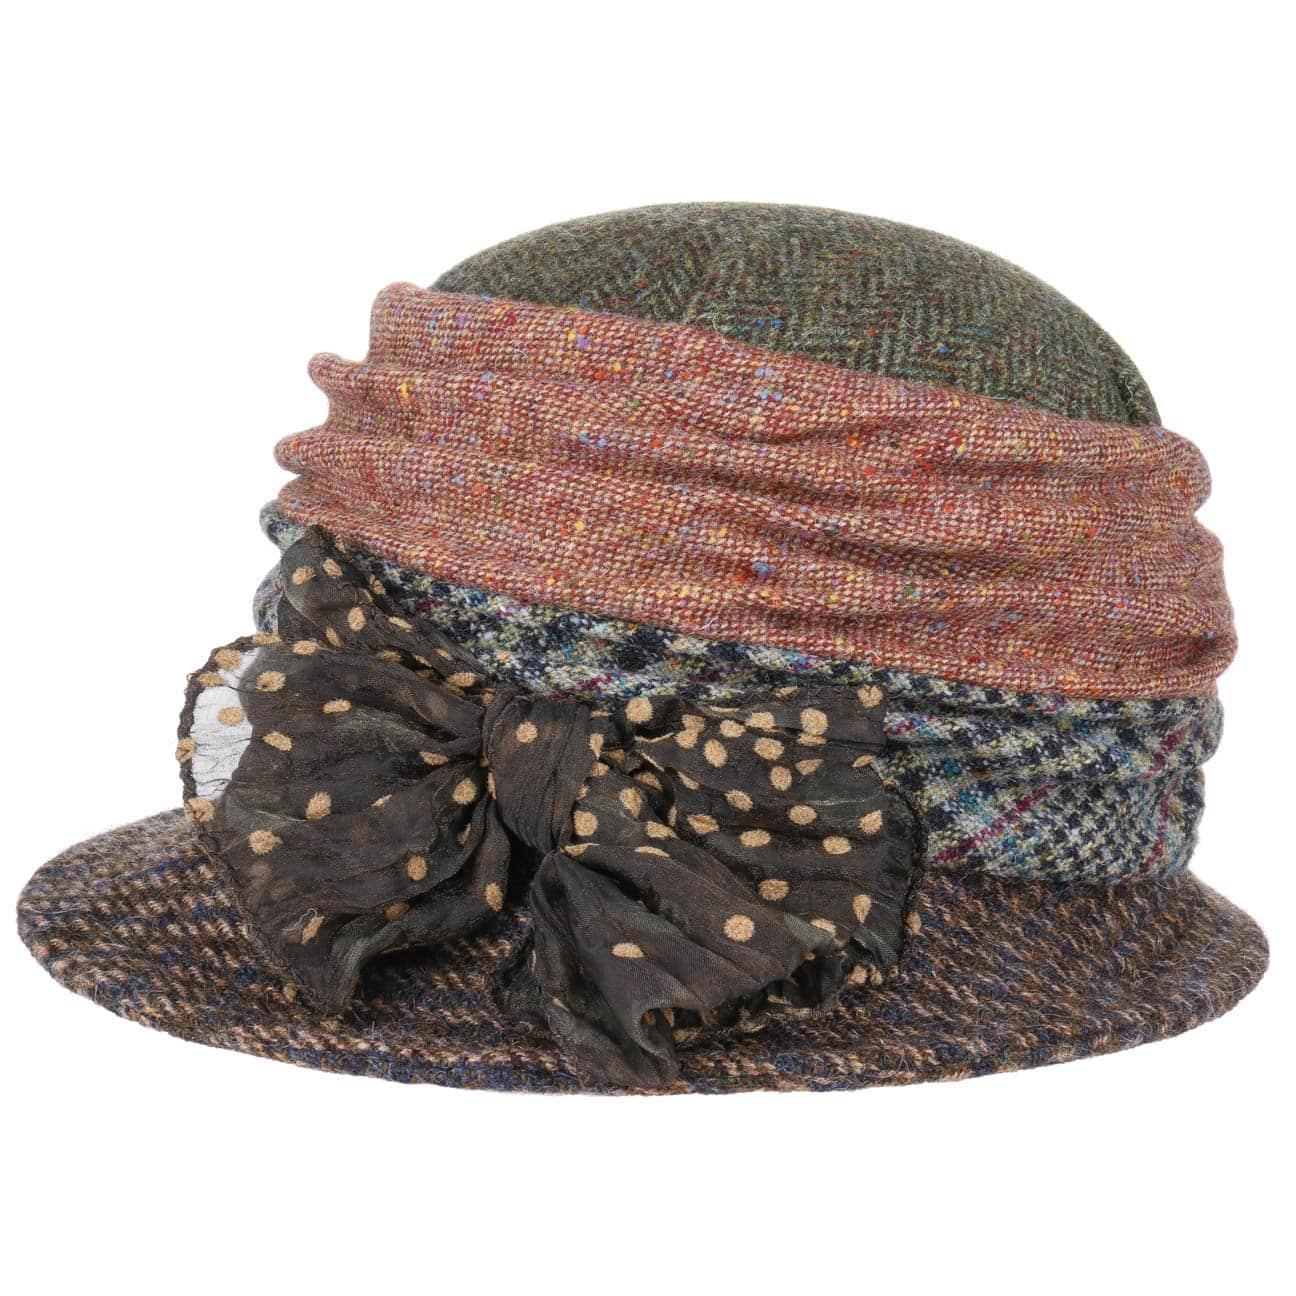 Sombrero Asim?trico Patchwork by GREVI  sombrero de lana